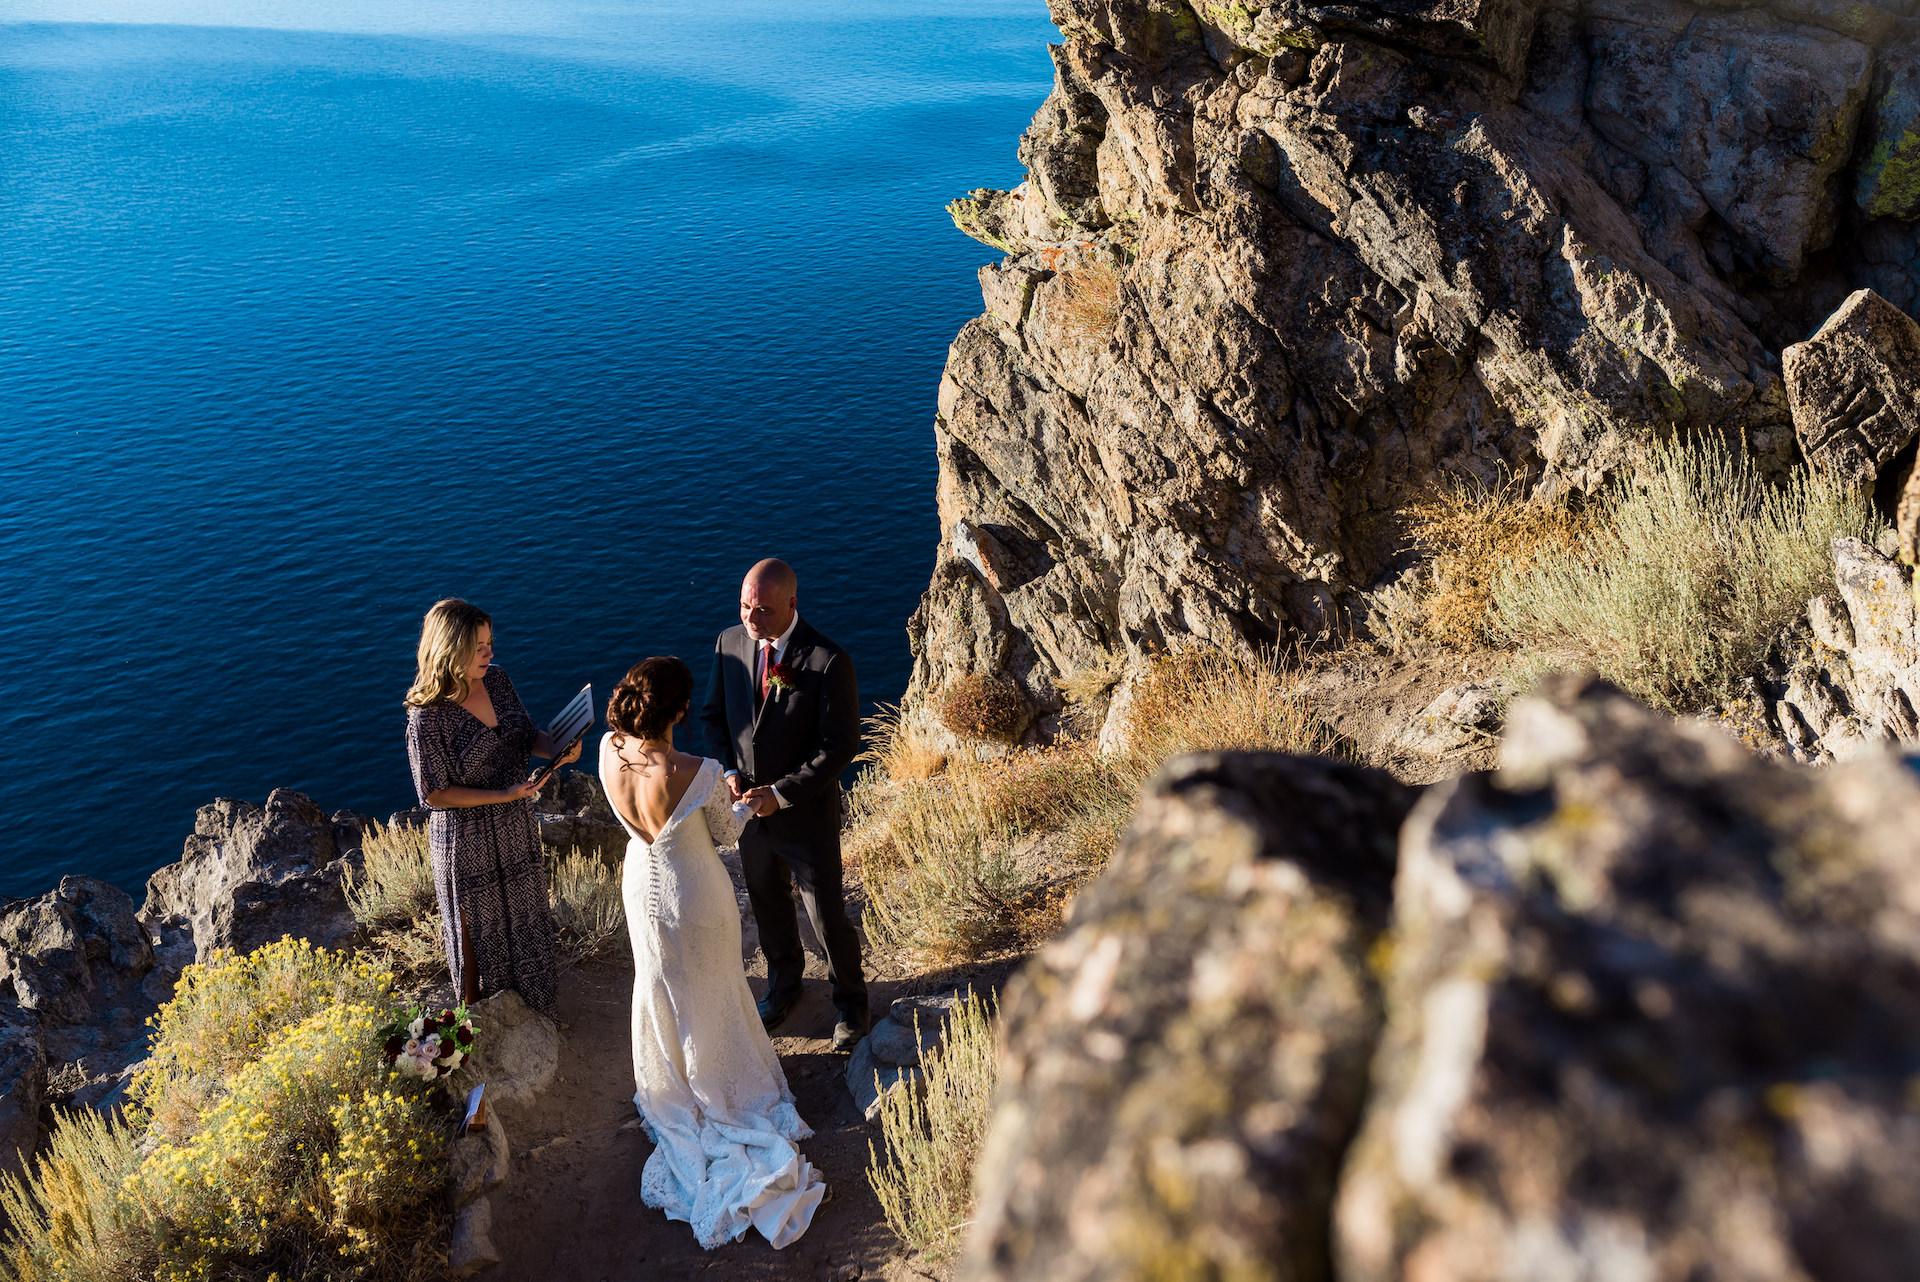 Lauren Lindley, de Californie, est photographe de mariage pour -